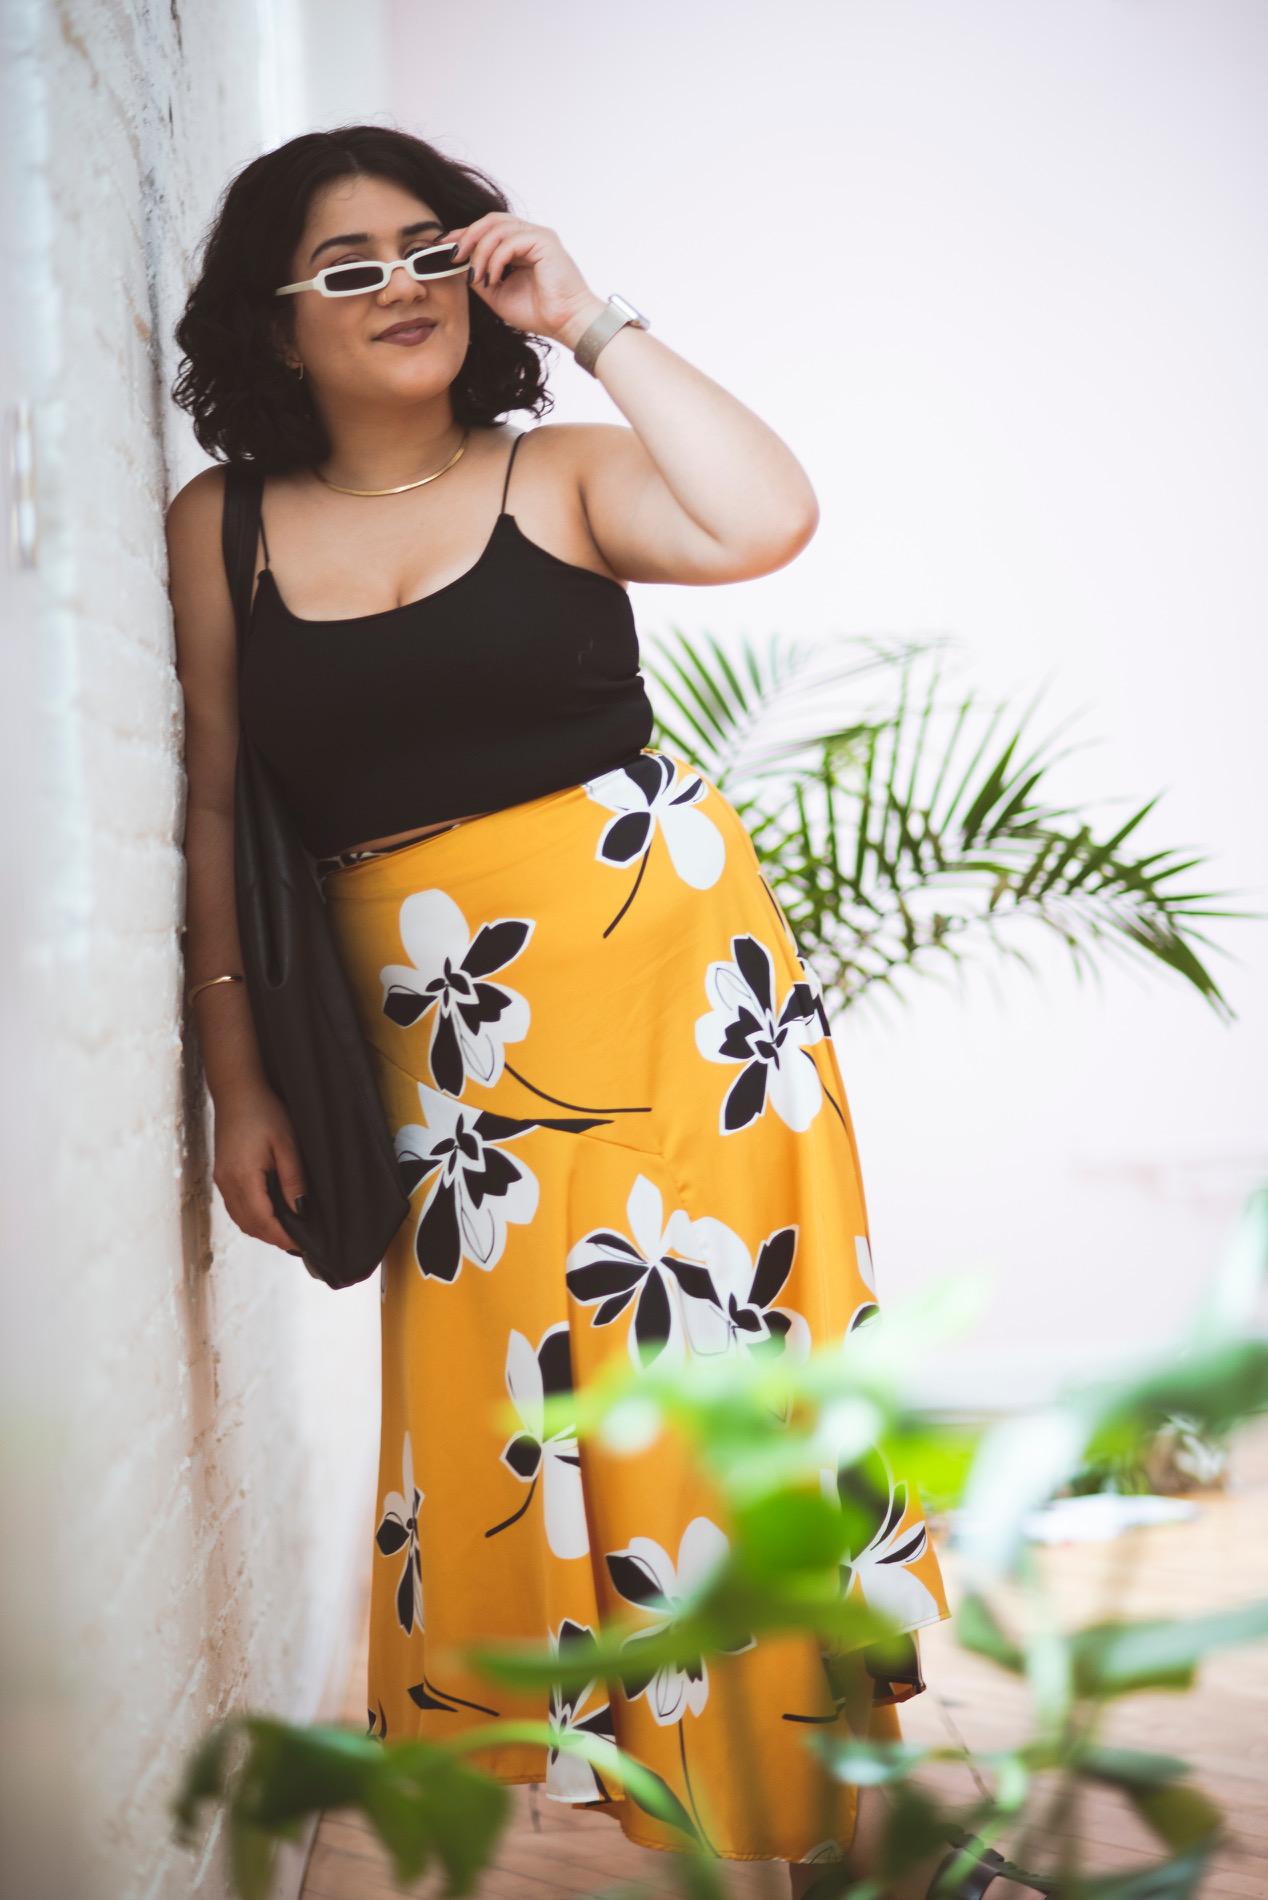 the yellow skirt |2019